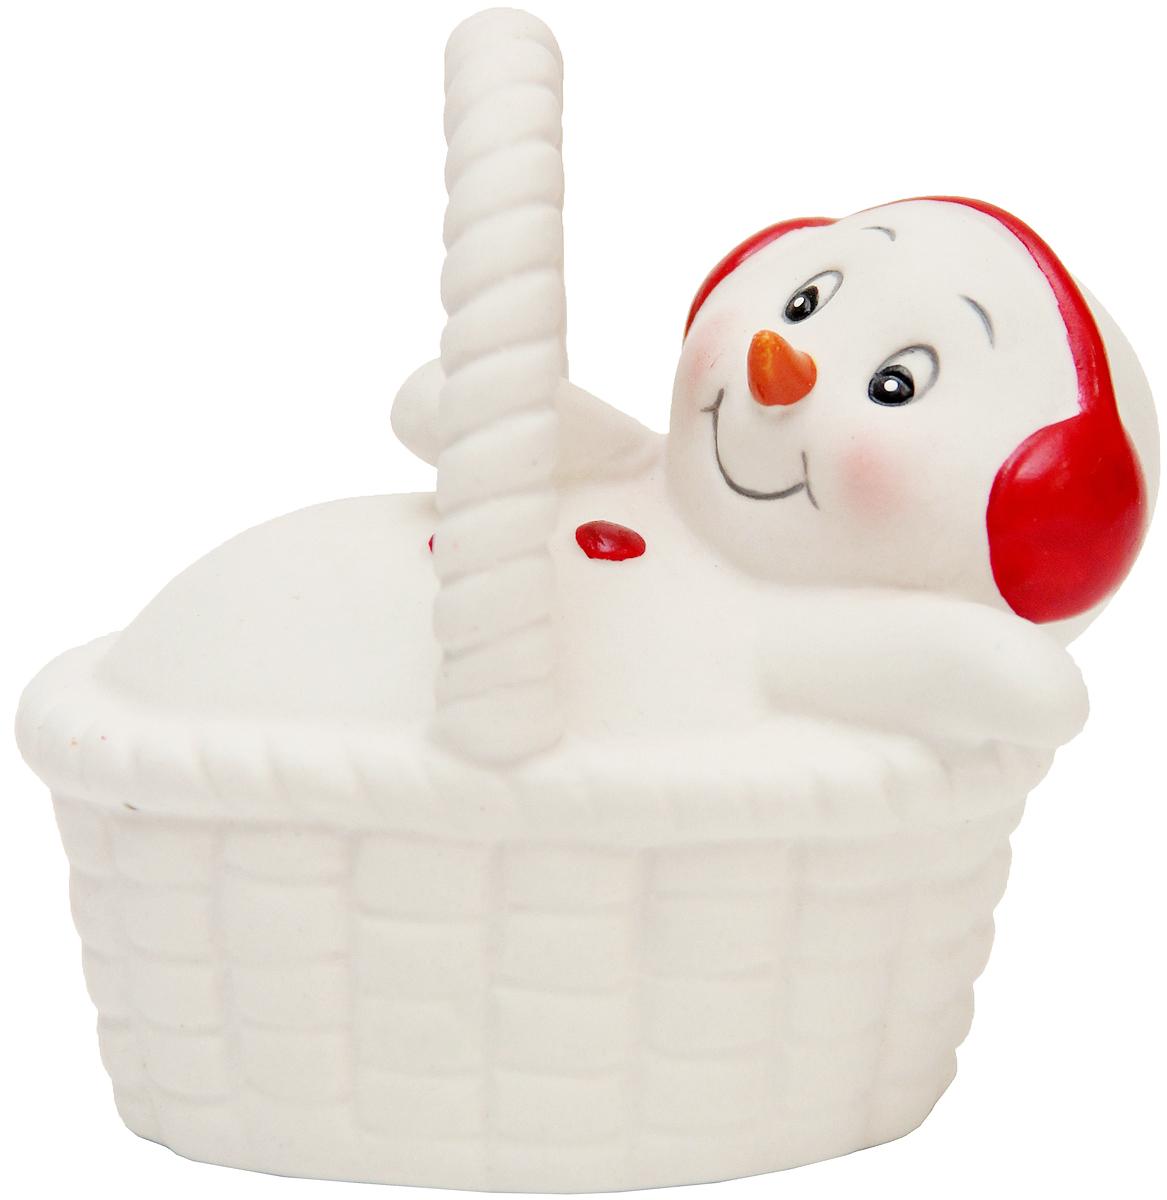 Фигурка новогодняя Magic Time Снеговик в корзине, высота 8 см 41 лилию в корзине